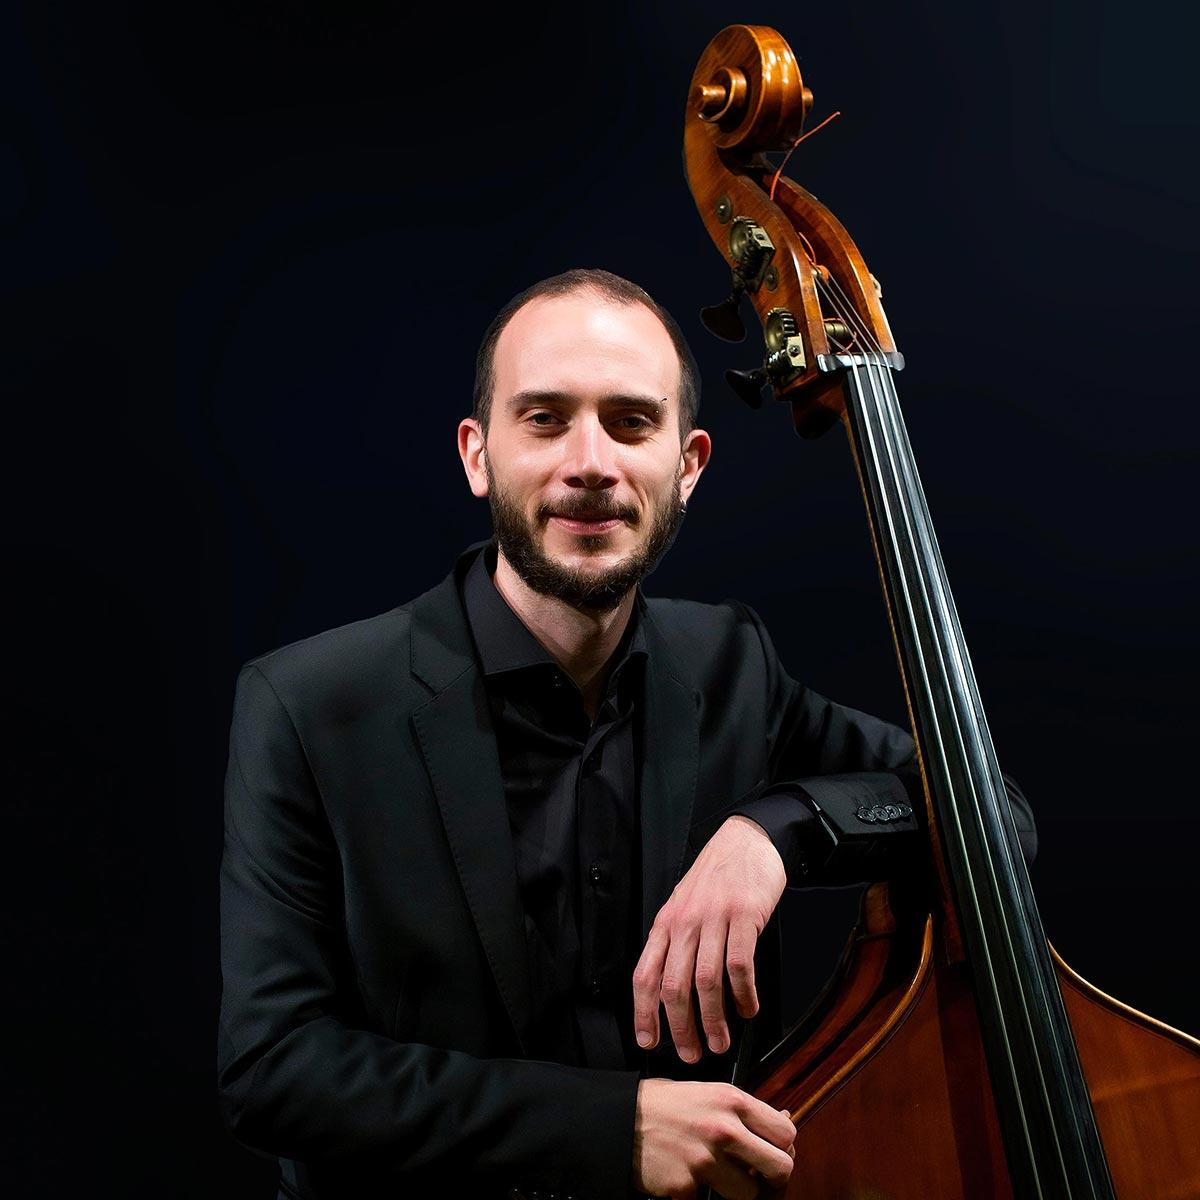 Adriano Piccioni